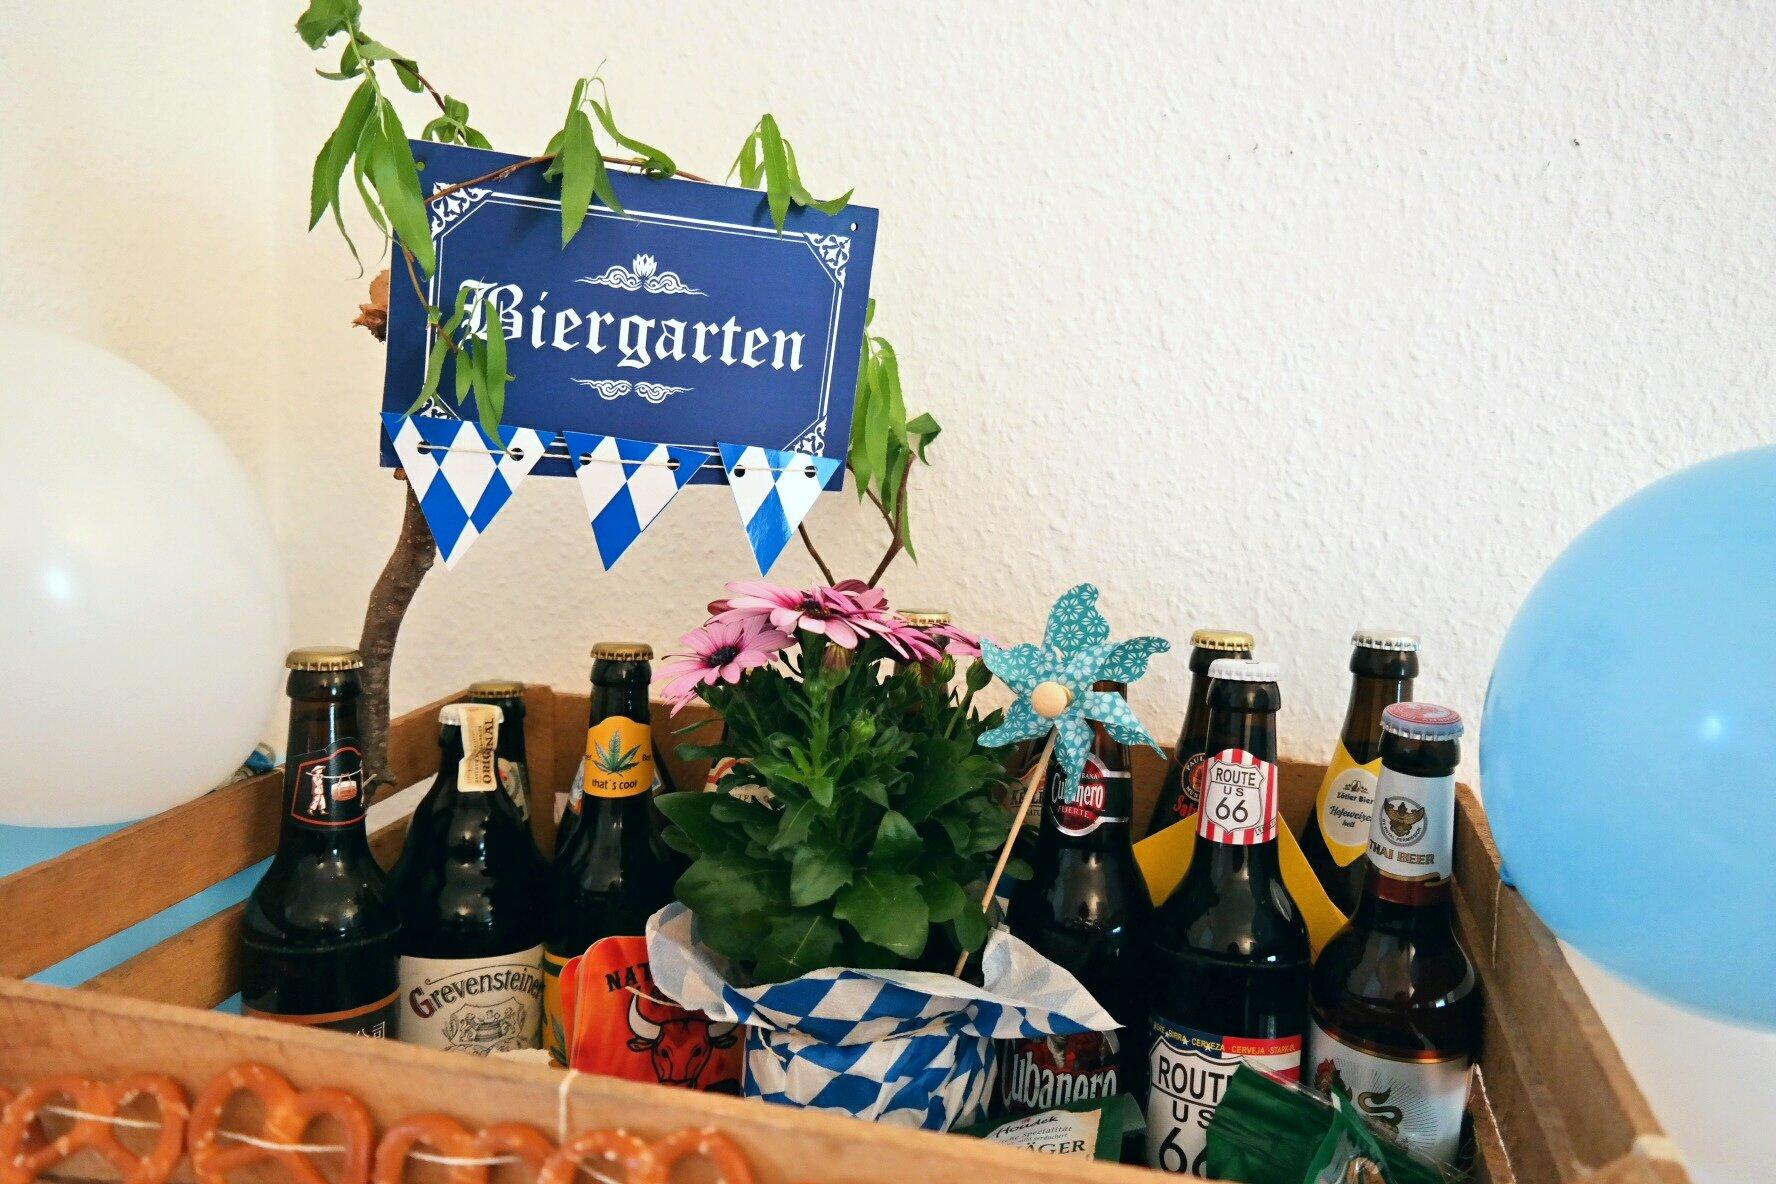 Geburtstagsgeschenk Mann - DIY Biergarten basteln